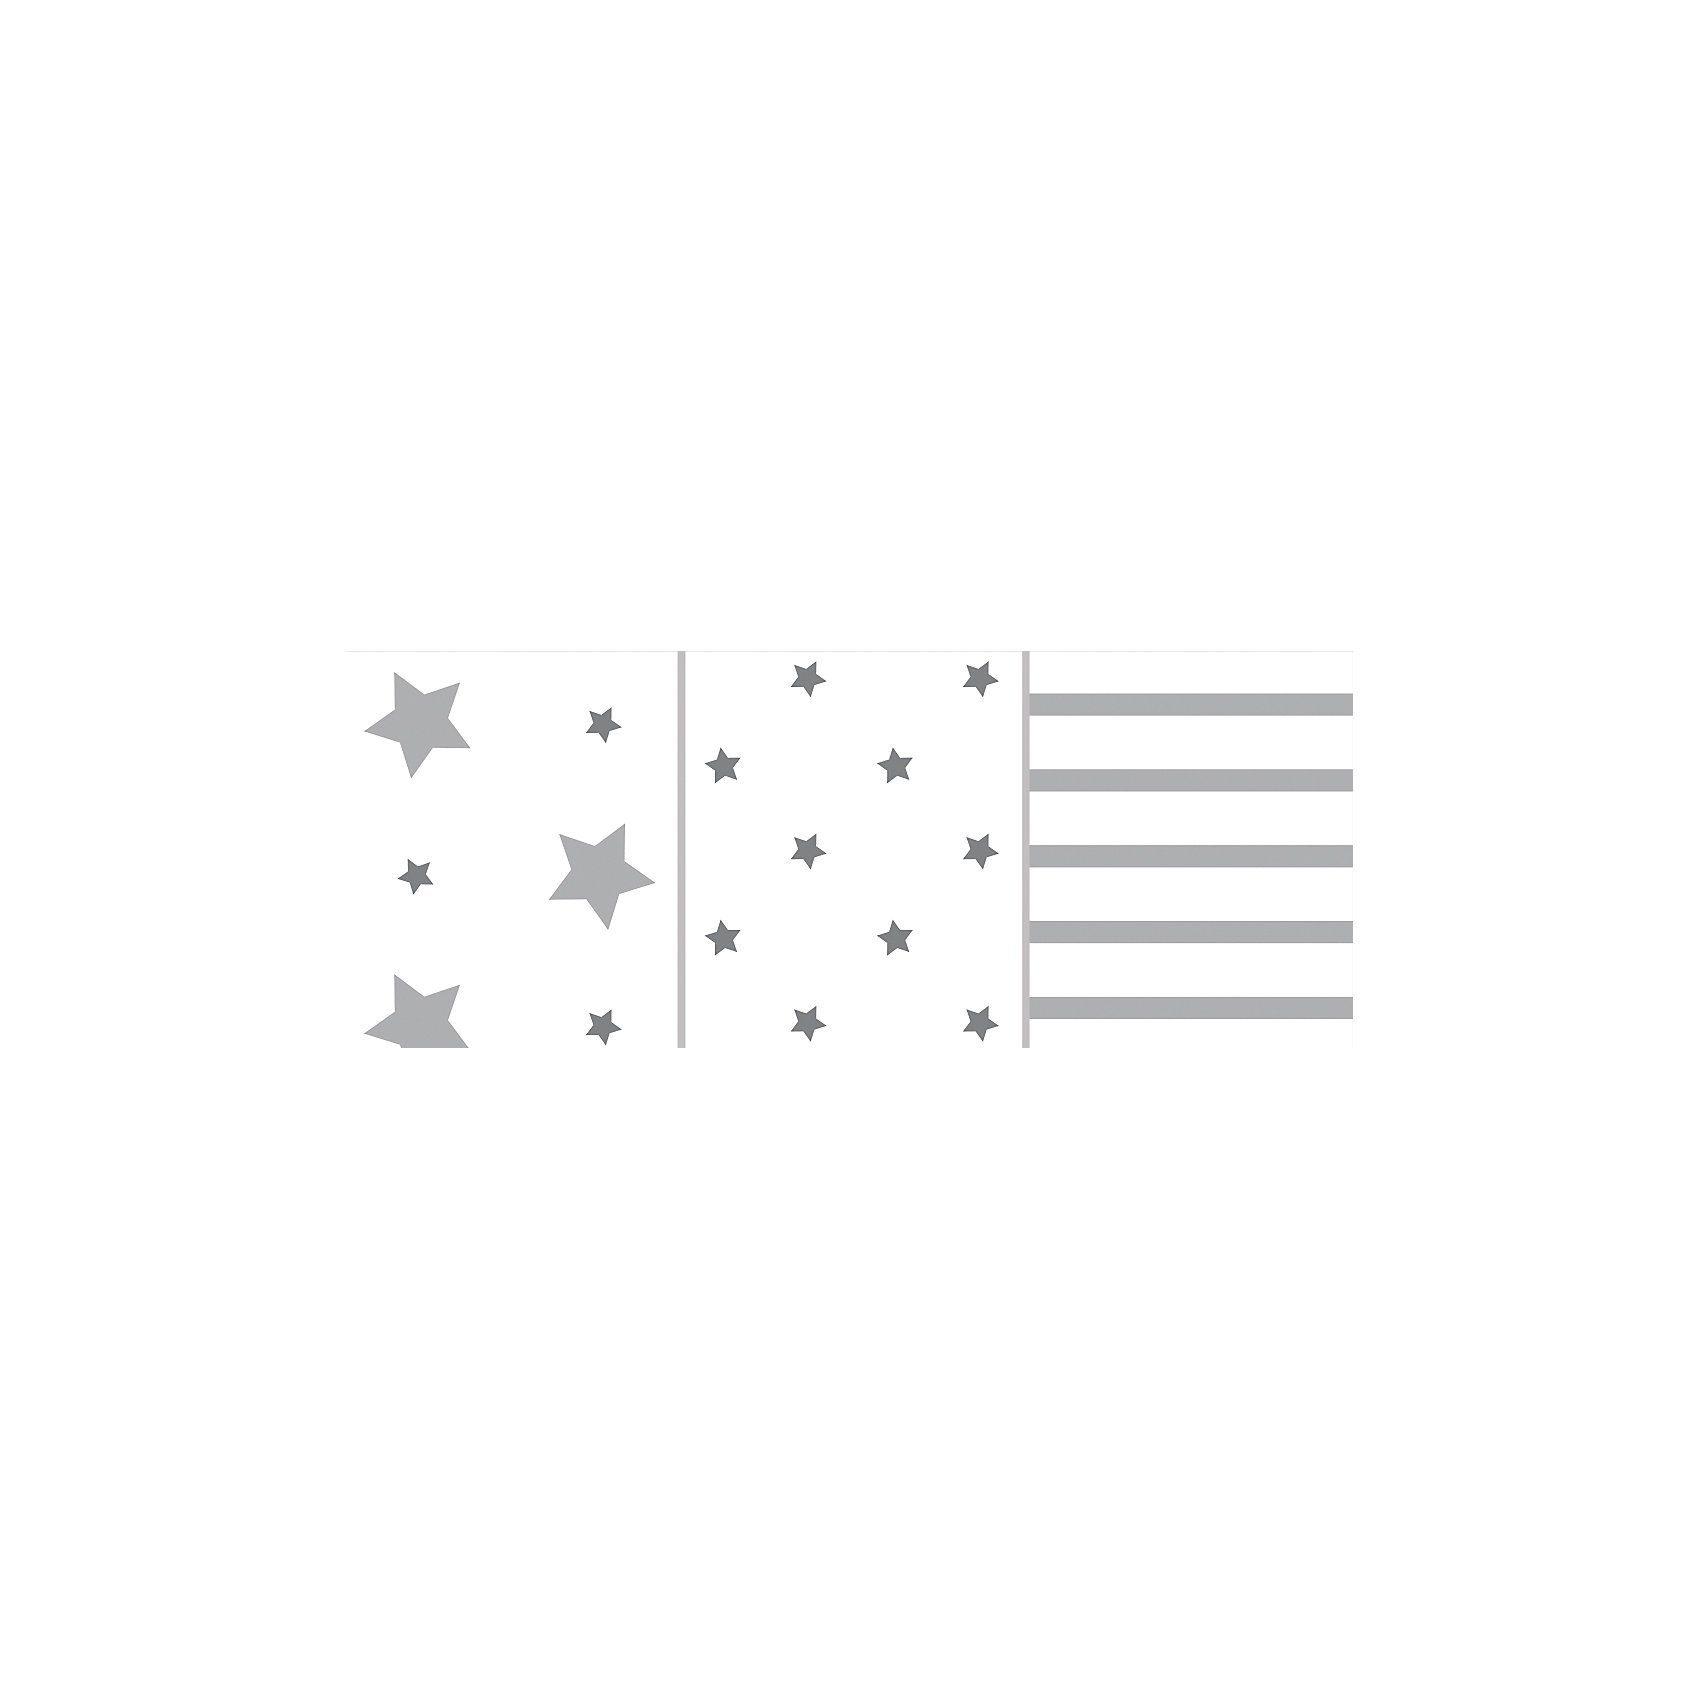 Odenwälder Mullwindeln Sterne und Streifen, 3er Pack, hell grau, 80 x 8